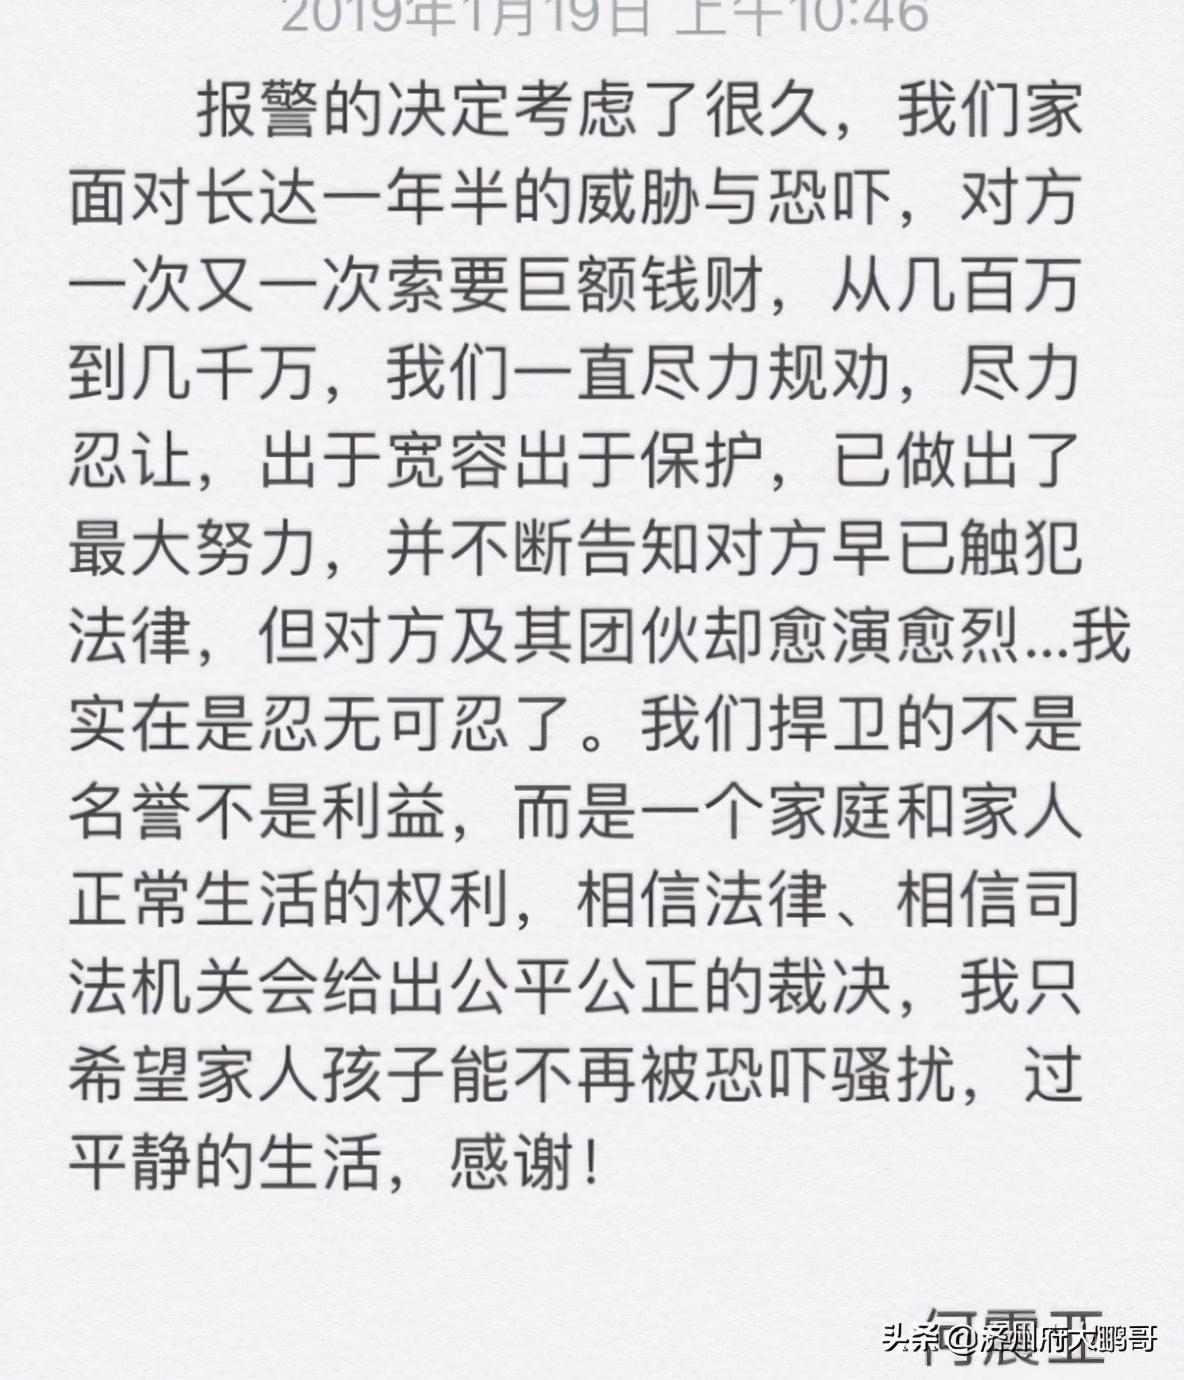 陈昱霖出狱秀惨,吴秀波被迫归隐,娱乐圈老虎咬火枪两败俱伤